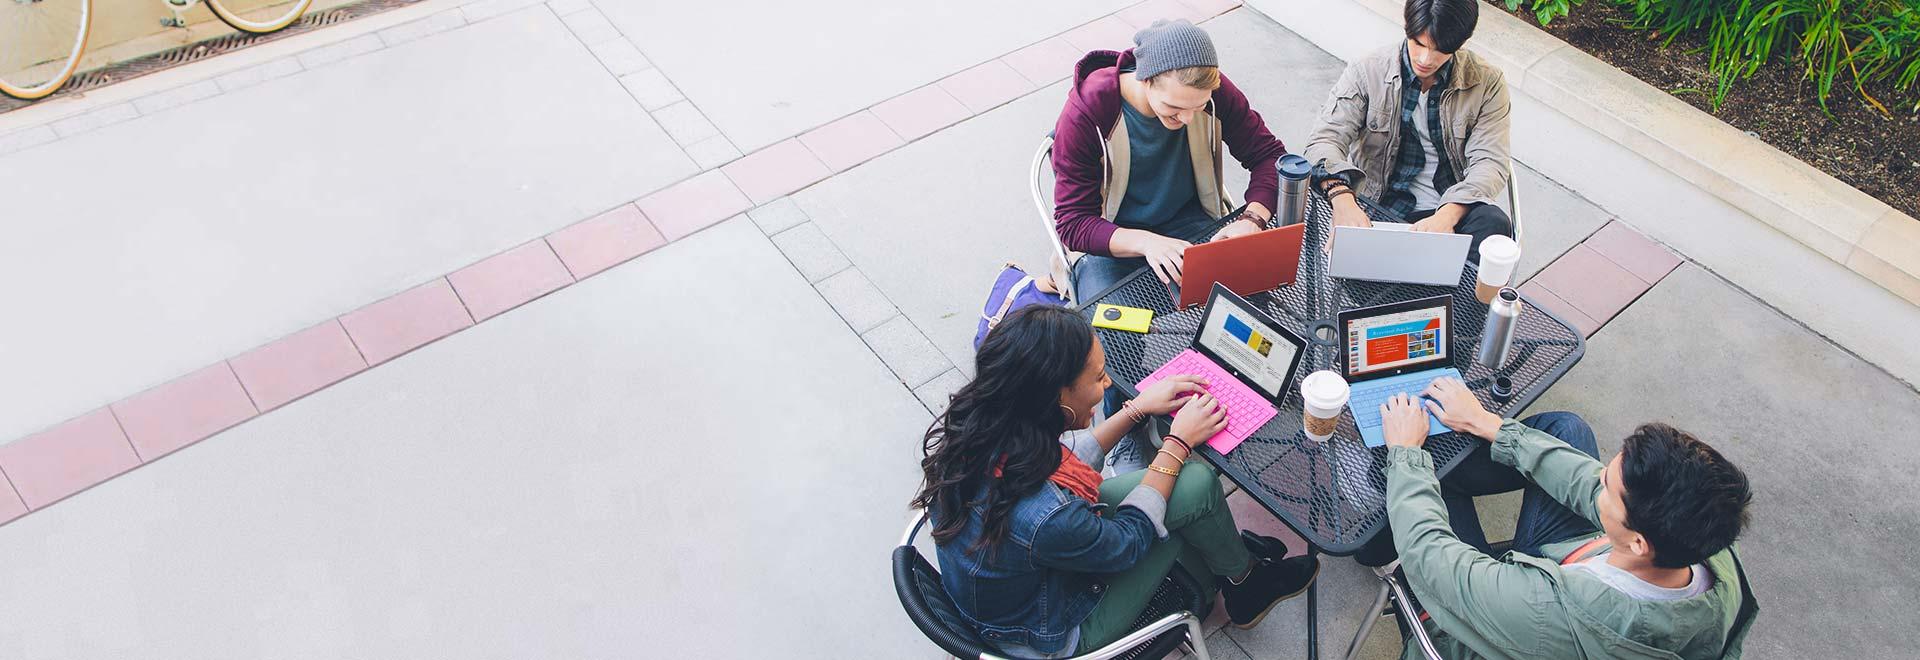 Cuatro alumnos sentados en una mesa al aire libre usando Office 365 para el ámbito educativo en sus tabletas.